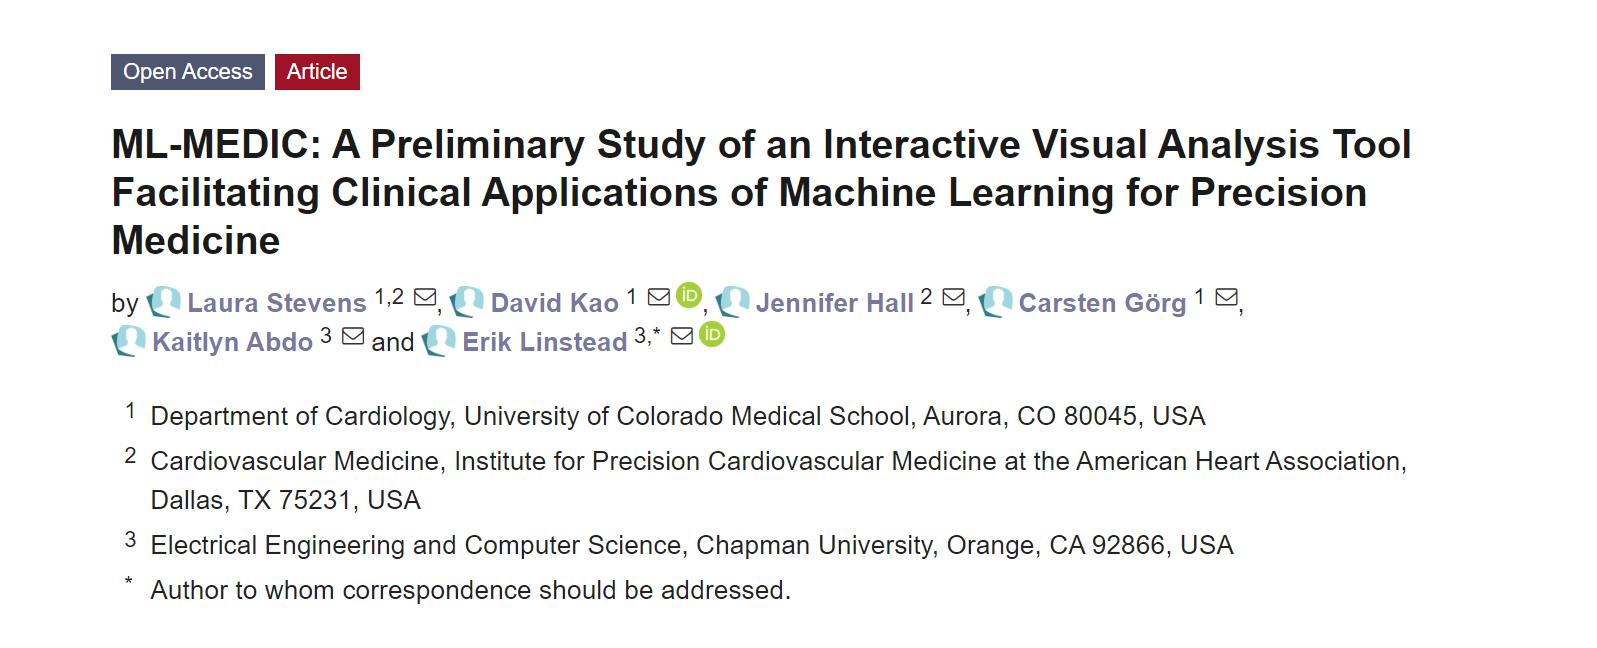 新研发的ML-MEDIC工具,可应用于医学探索和临床实验!